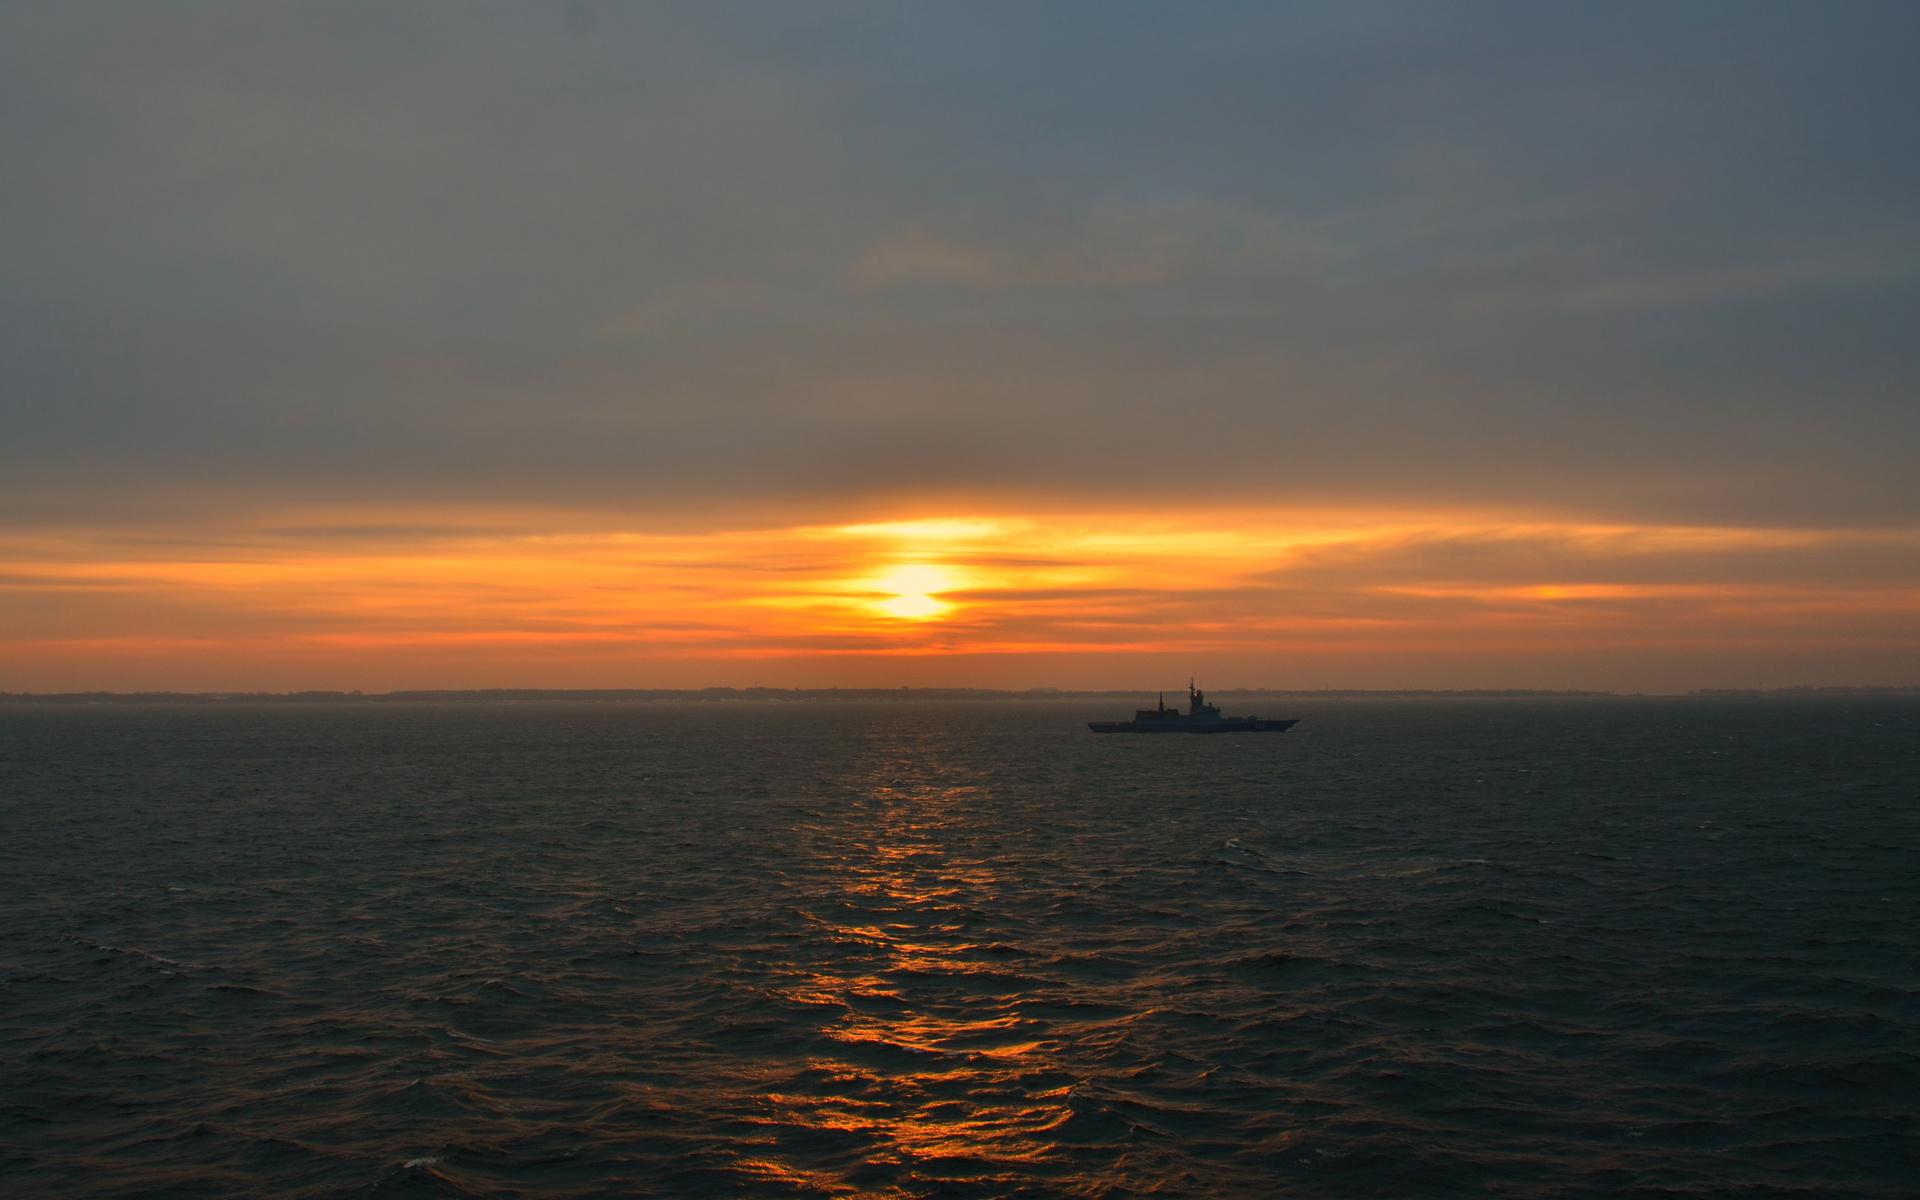 море, вечер, корвет